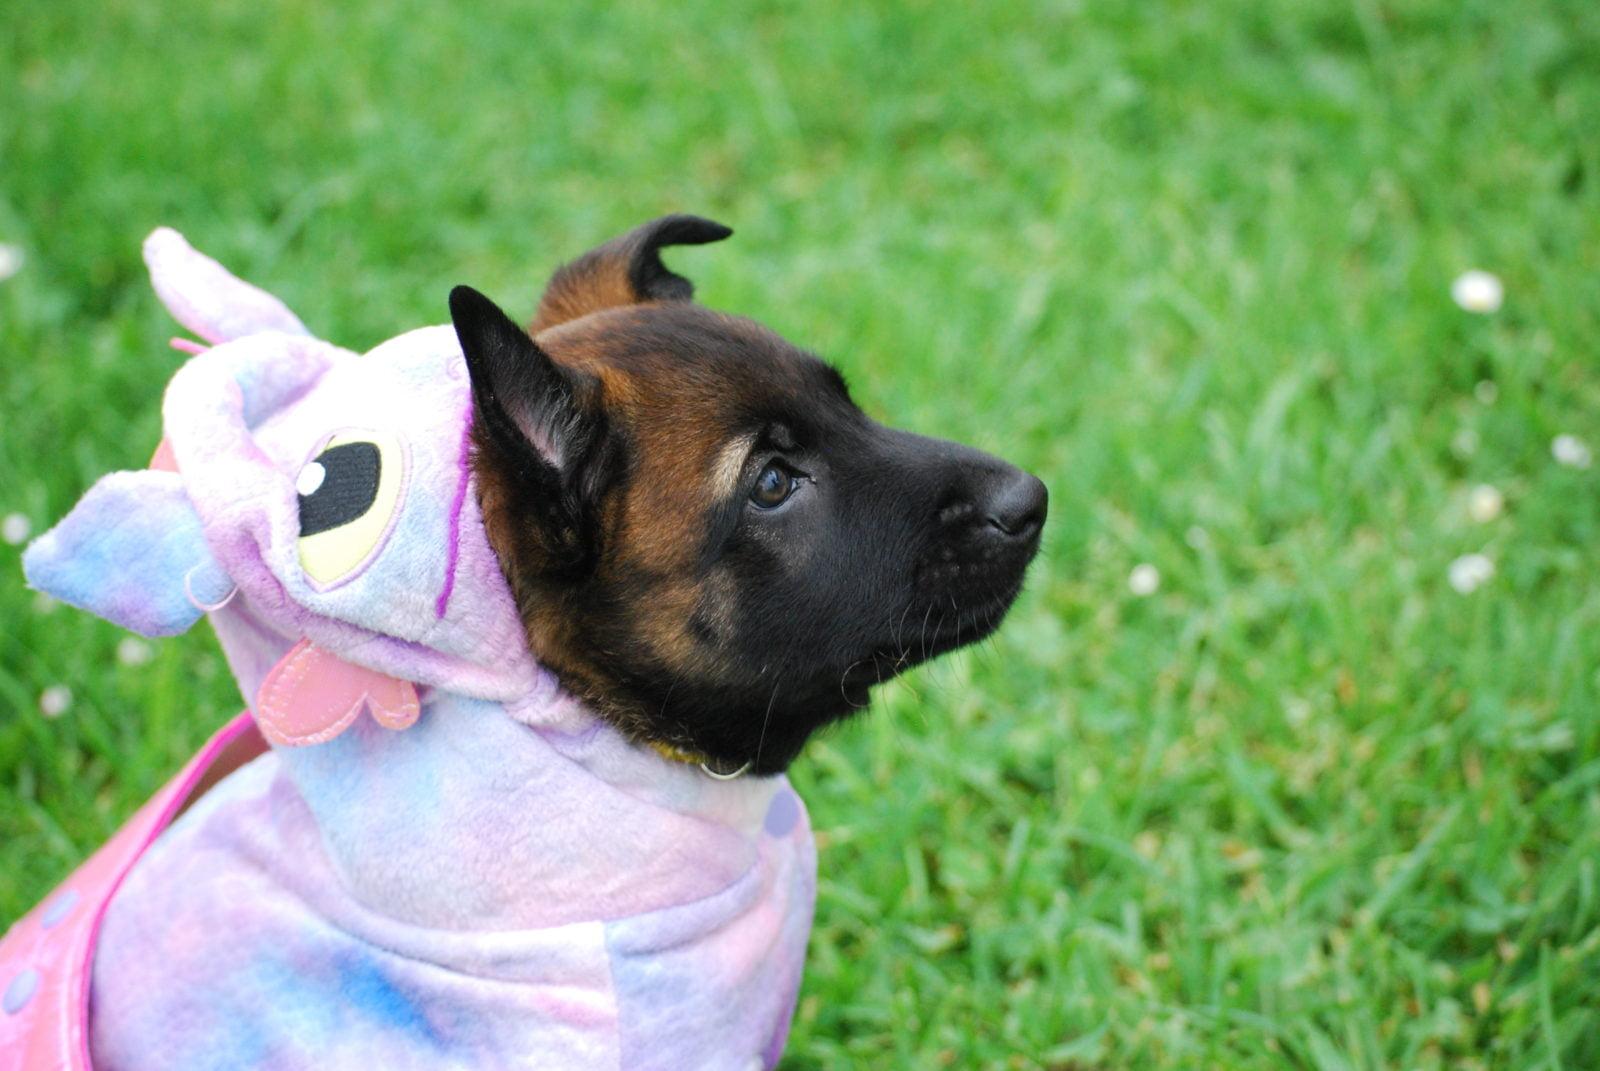 Los mejores disfraces de dragón para perros de 2020 (Guía) 1